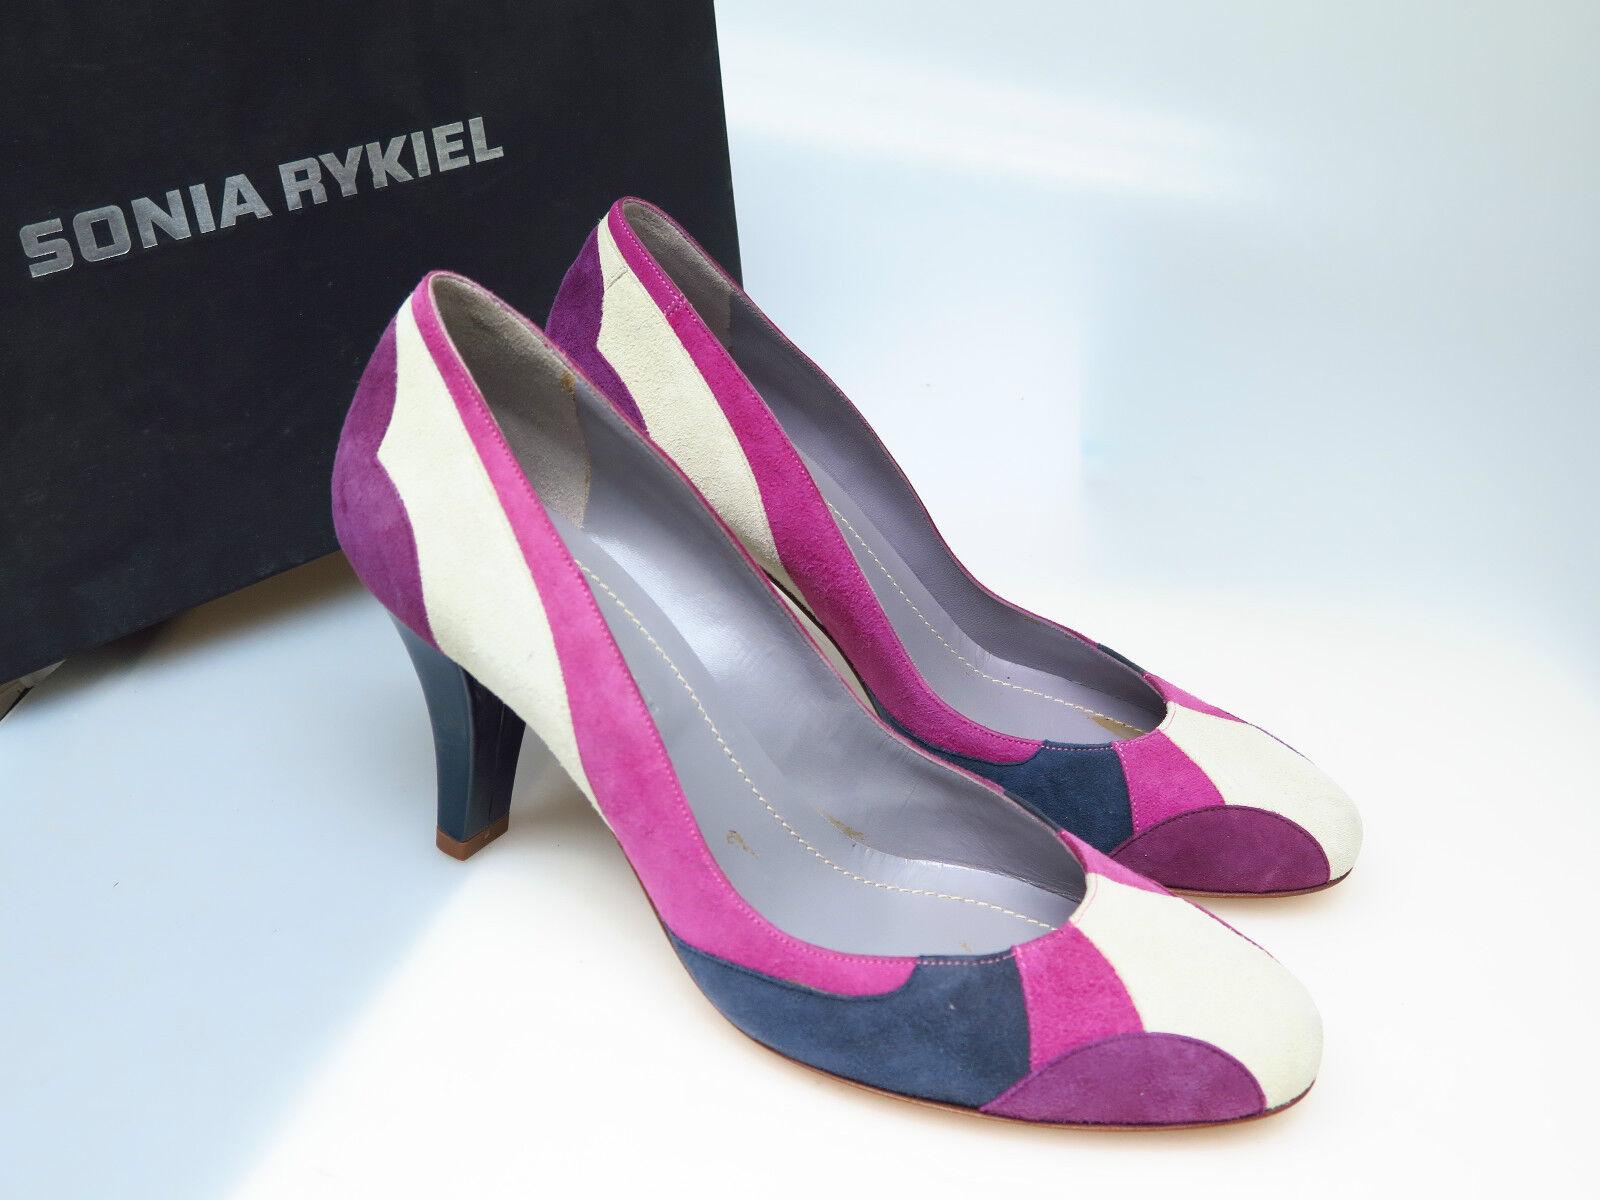 Sonia Rykiel Designer Schuhe / Damenschuhe 13-157 ECRU/FUCHSIA Gr. 37 NEU